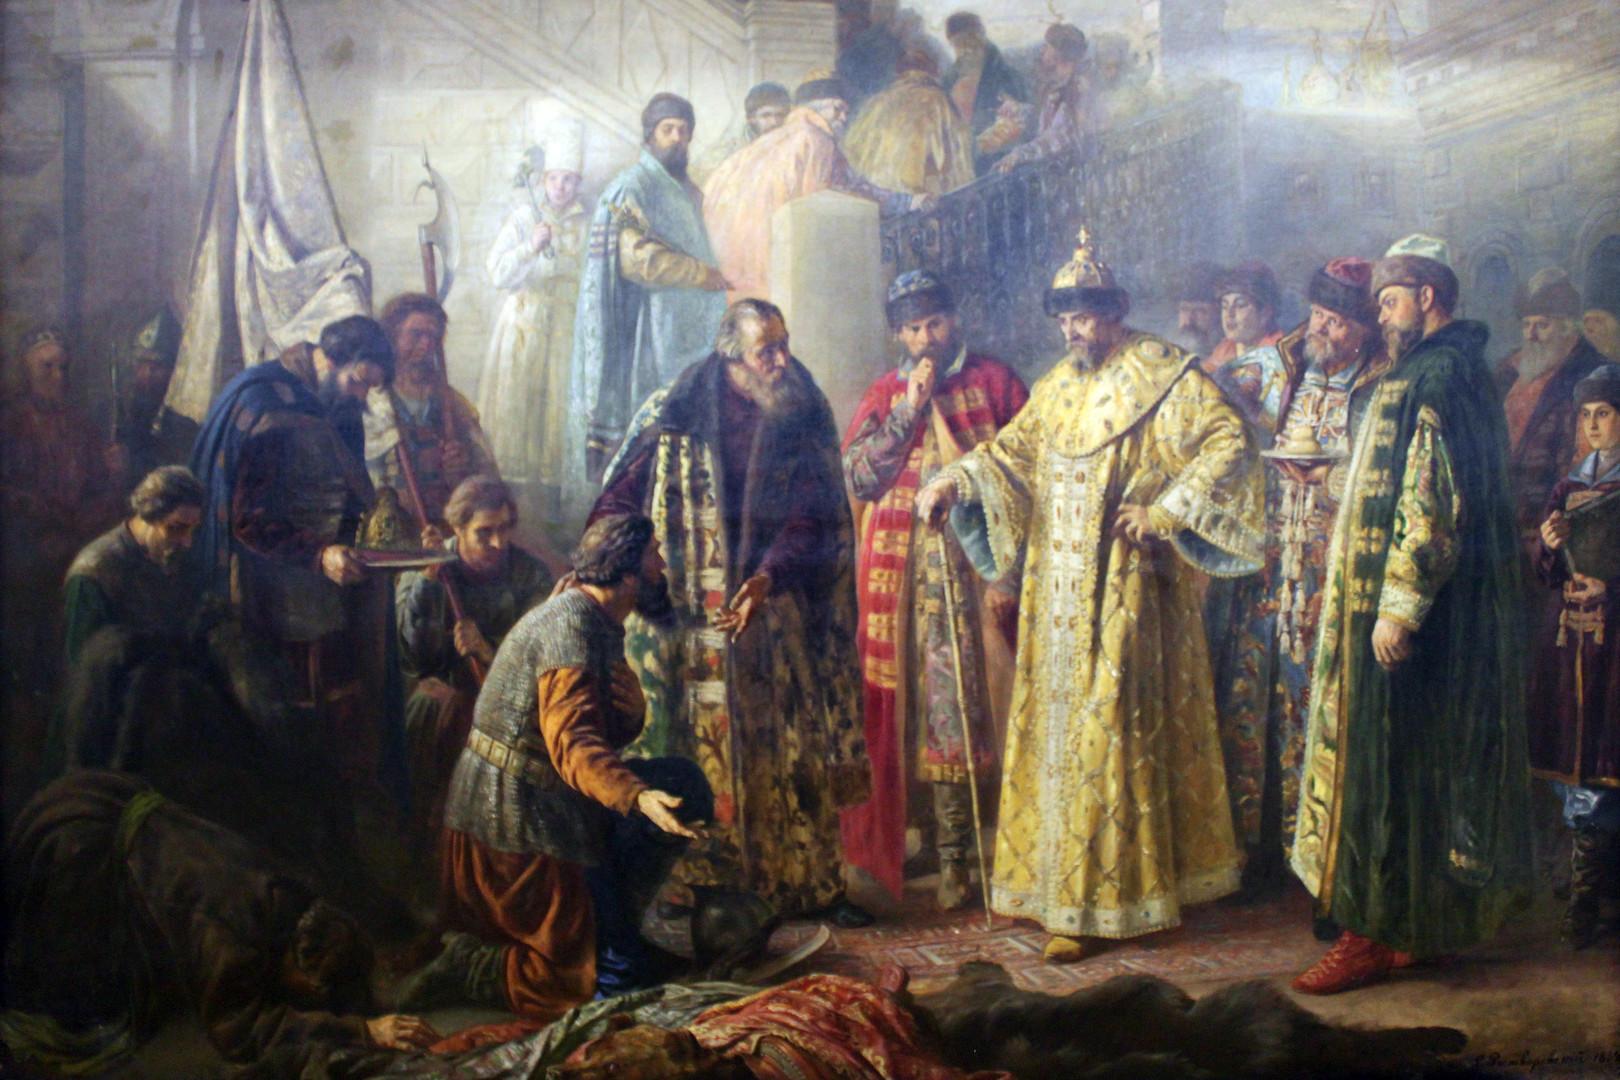 Иван Грозни. / С. Ростворовски (1858-1888)